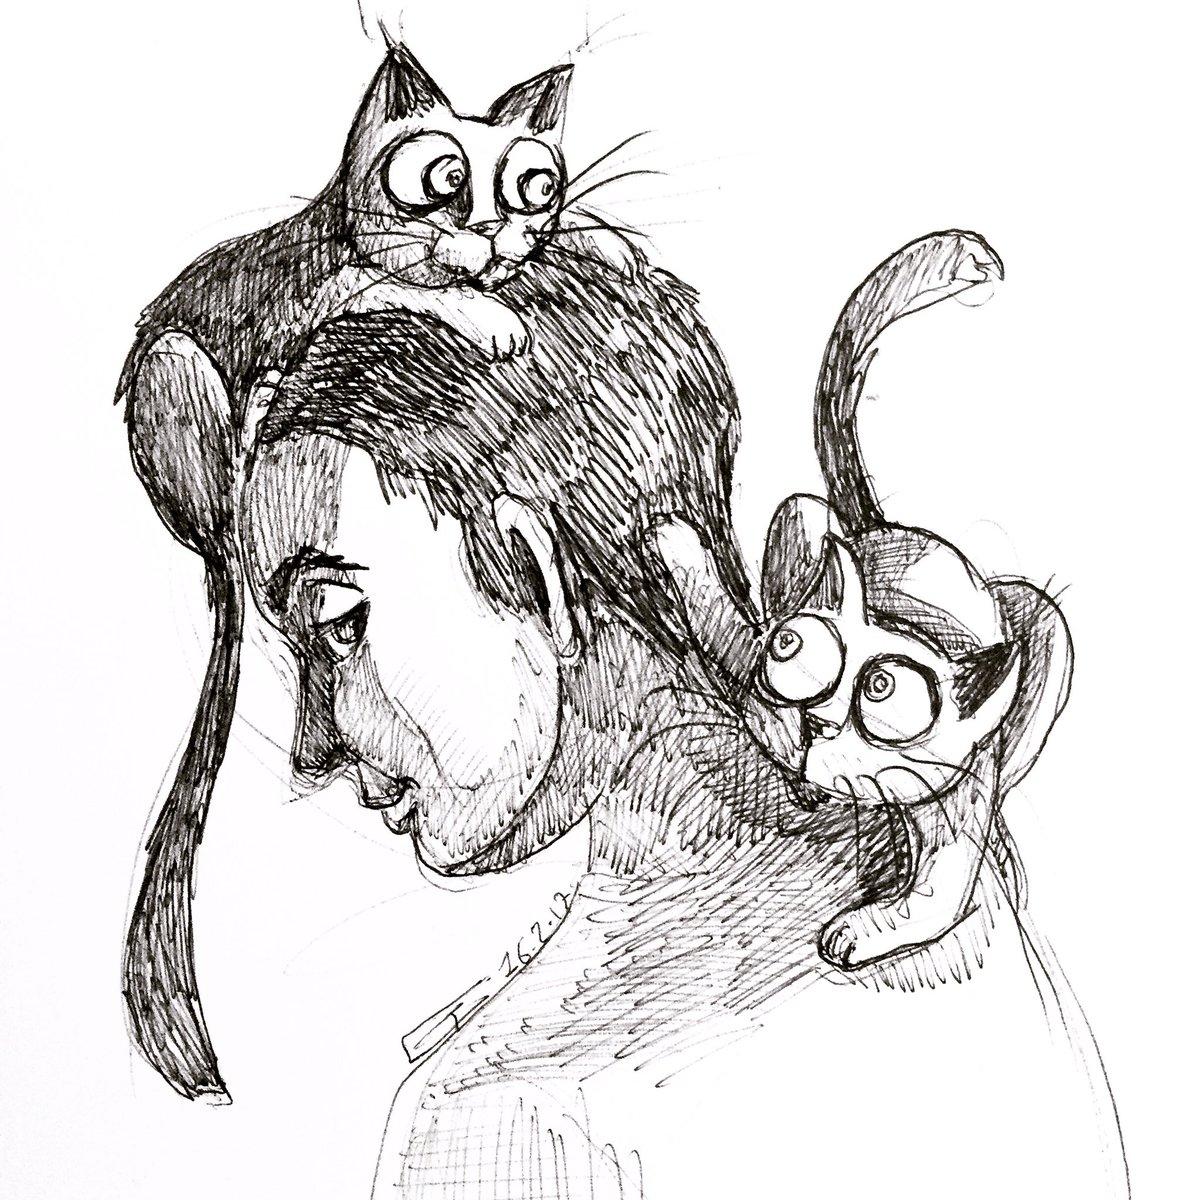 Des humains et des chatons #DessinDuJour <br>http://pic.twitter.com/aGAAnjtOFp